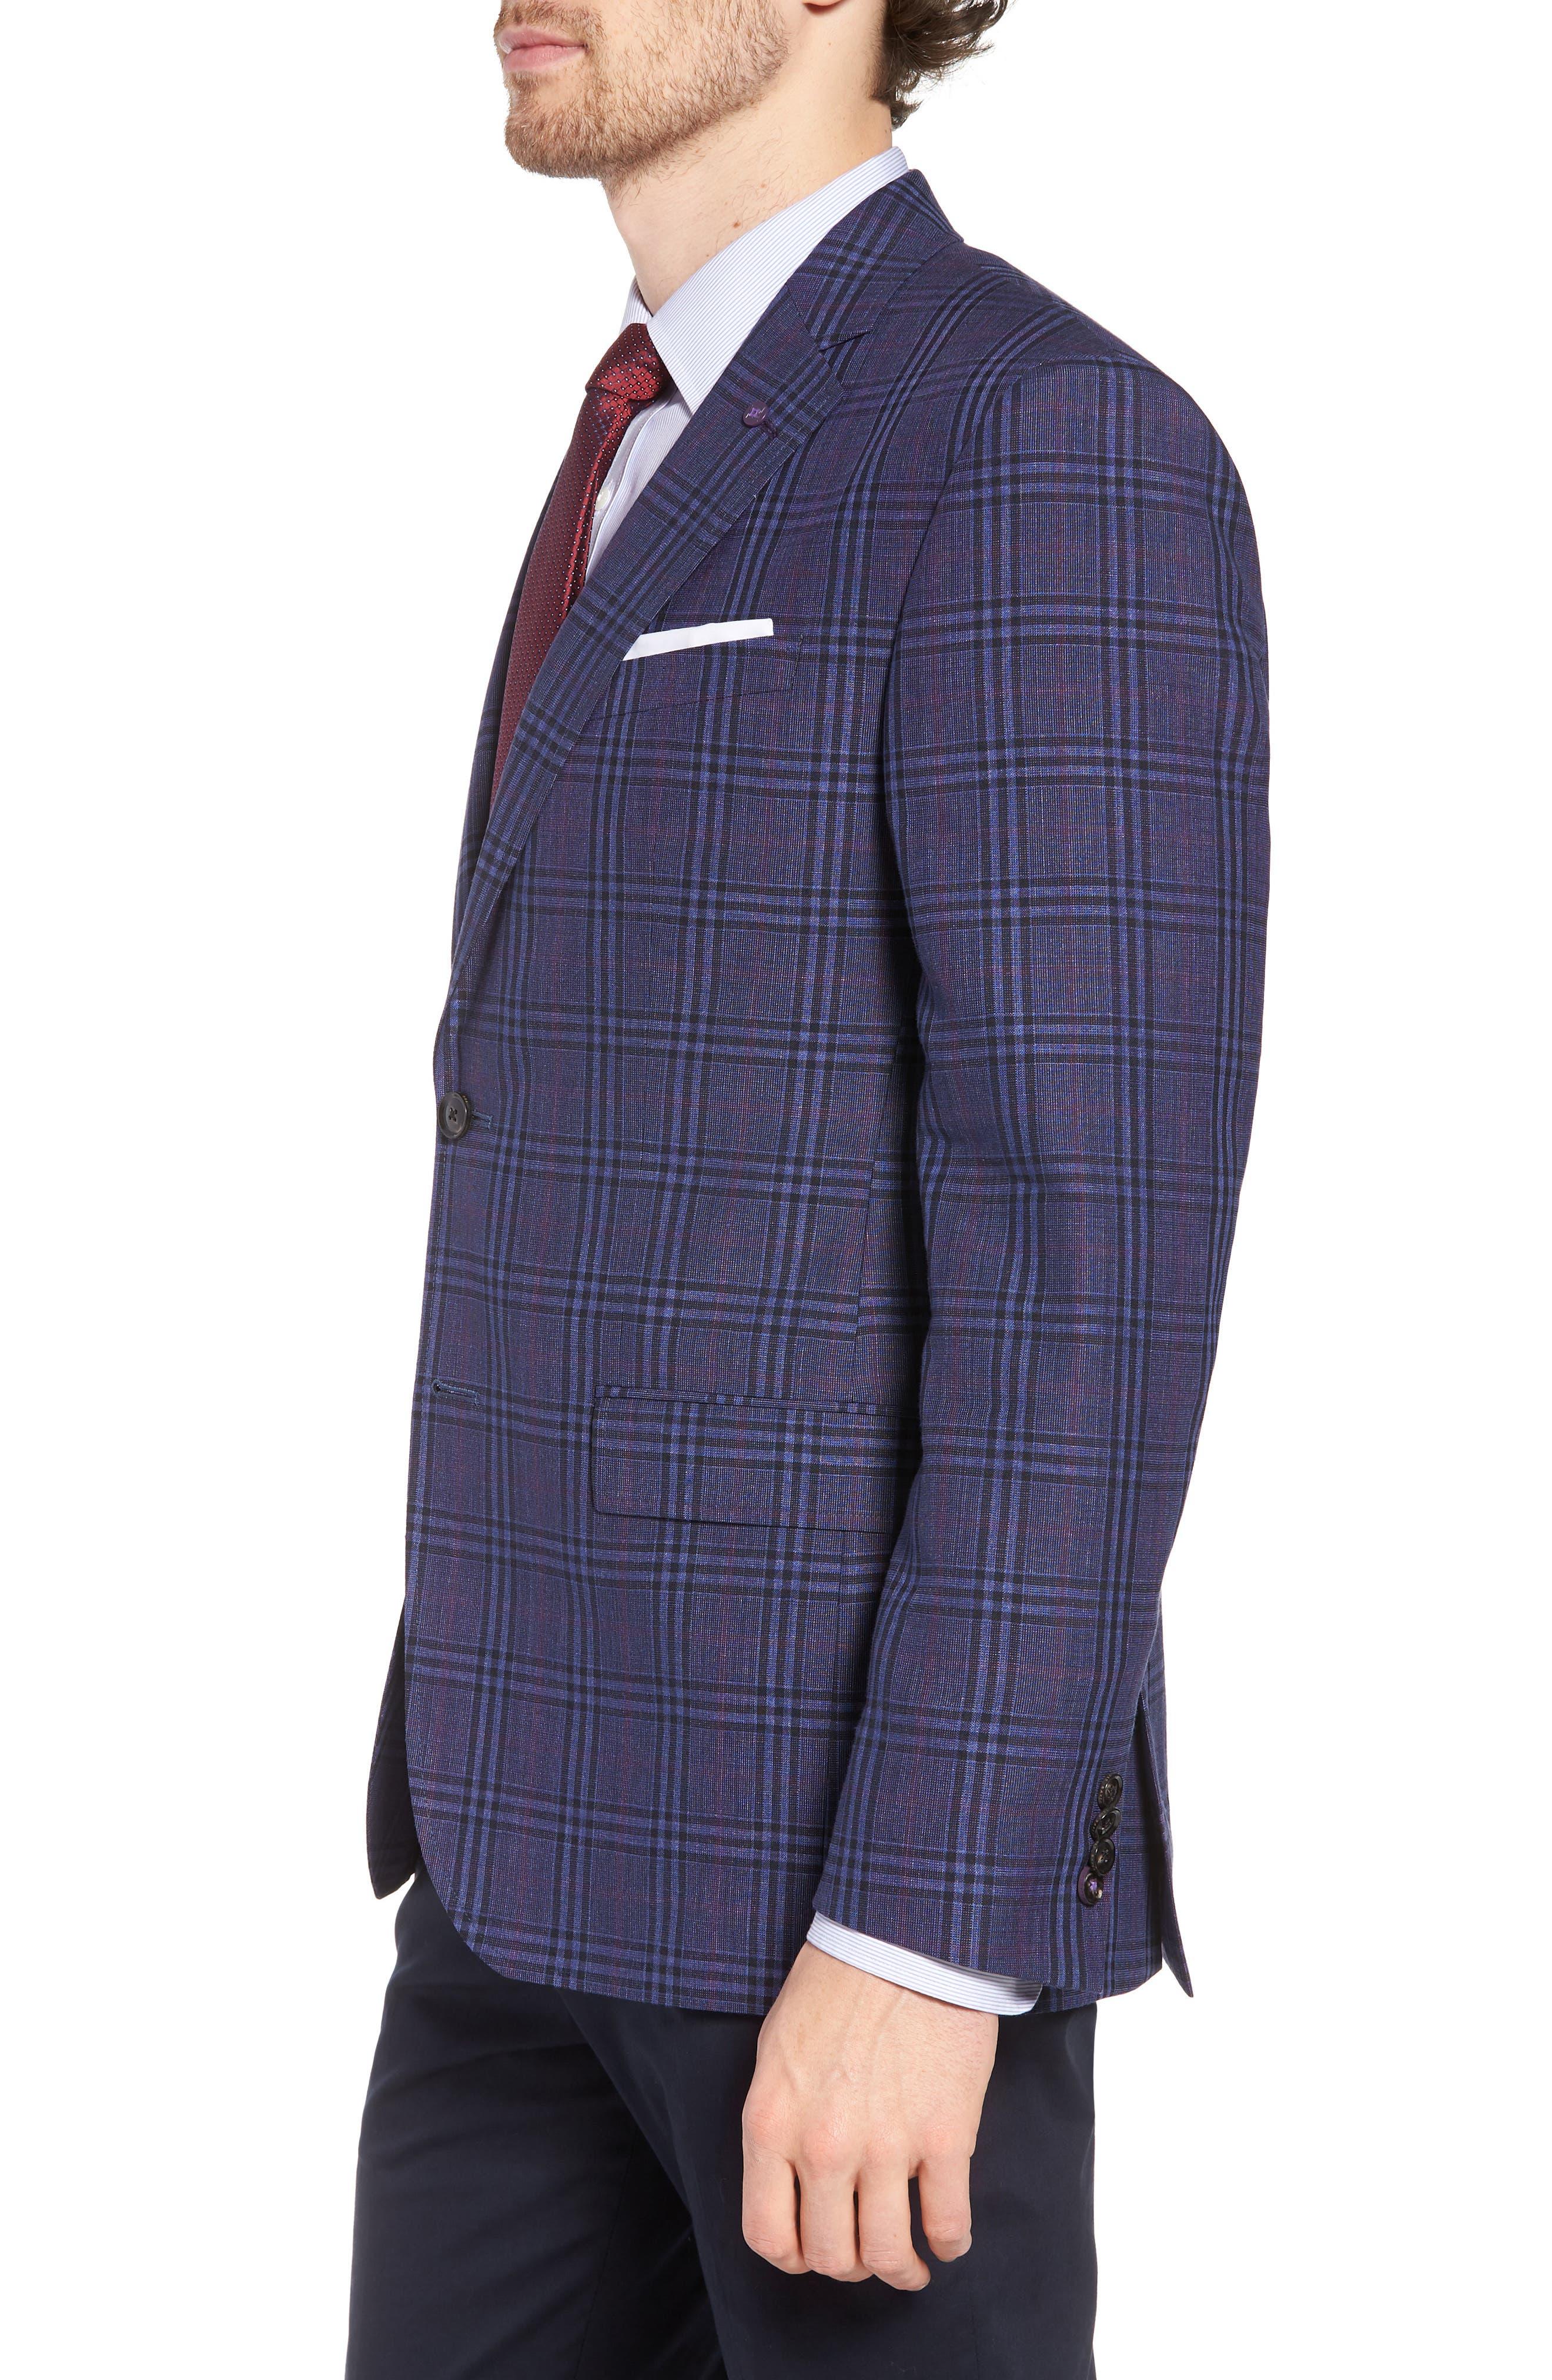 Jay Trim Fit Plaid Wool & Linen Sport Coat,                             Alternate thumbnail 3, color,                             400